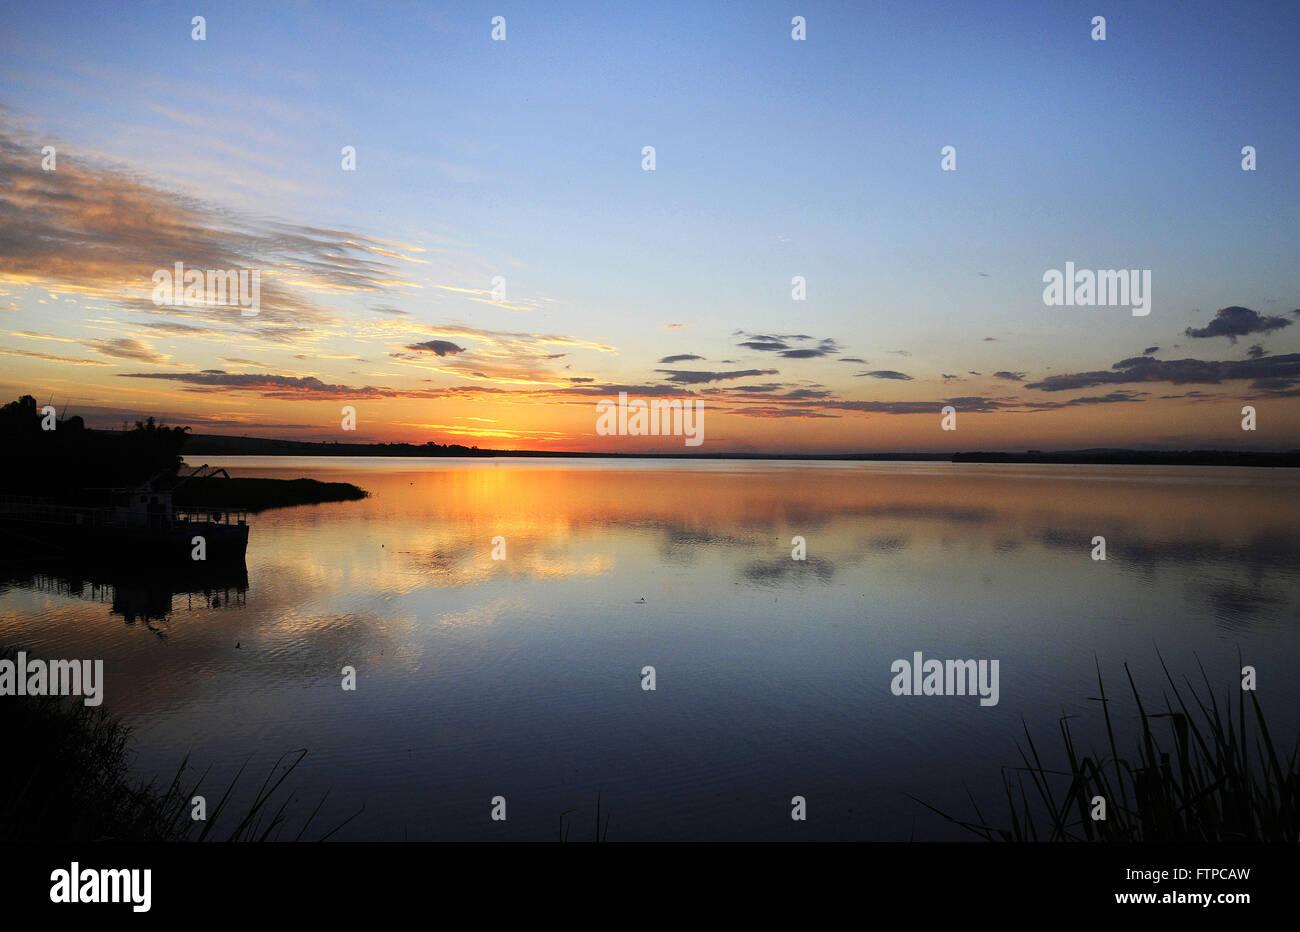 Atardecer en la presa del río Piracicaba - Barra Bonita Presa Imagen De Stock